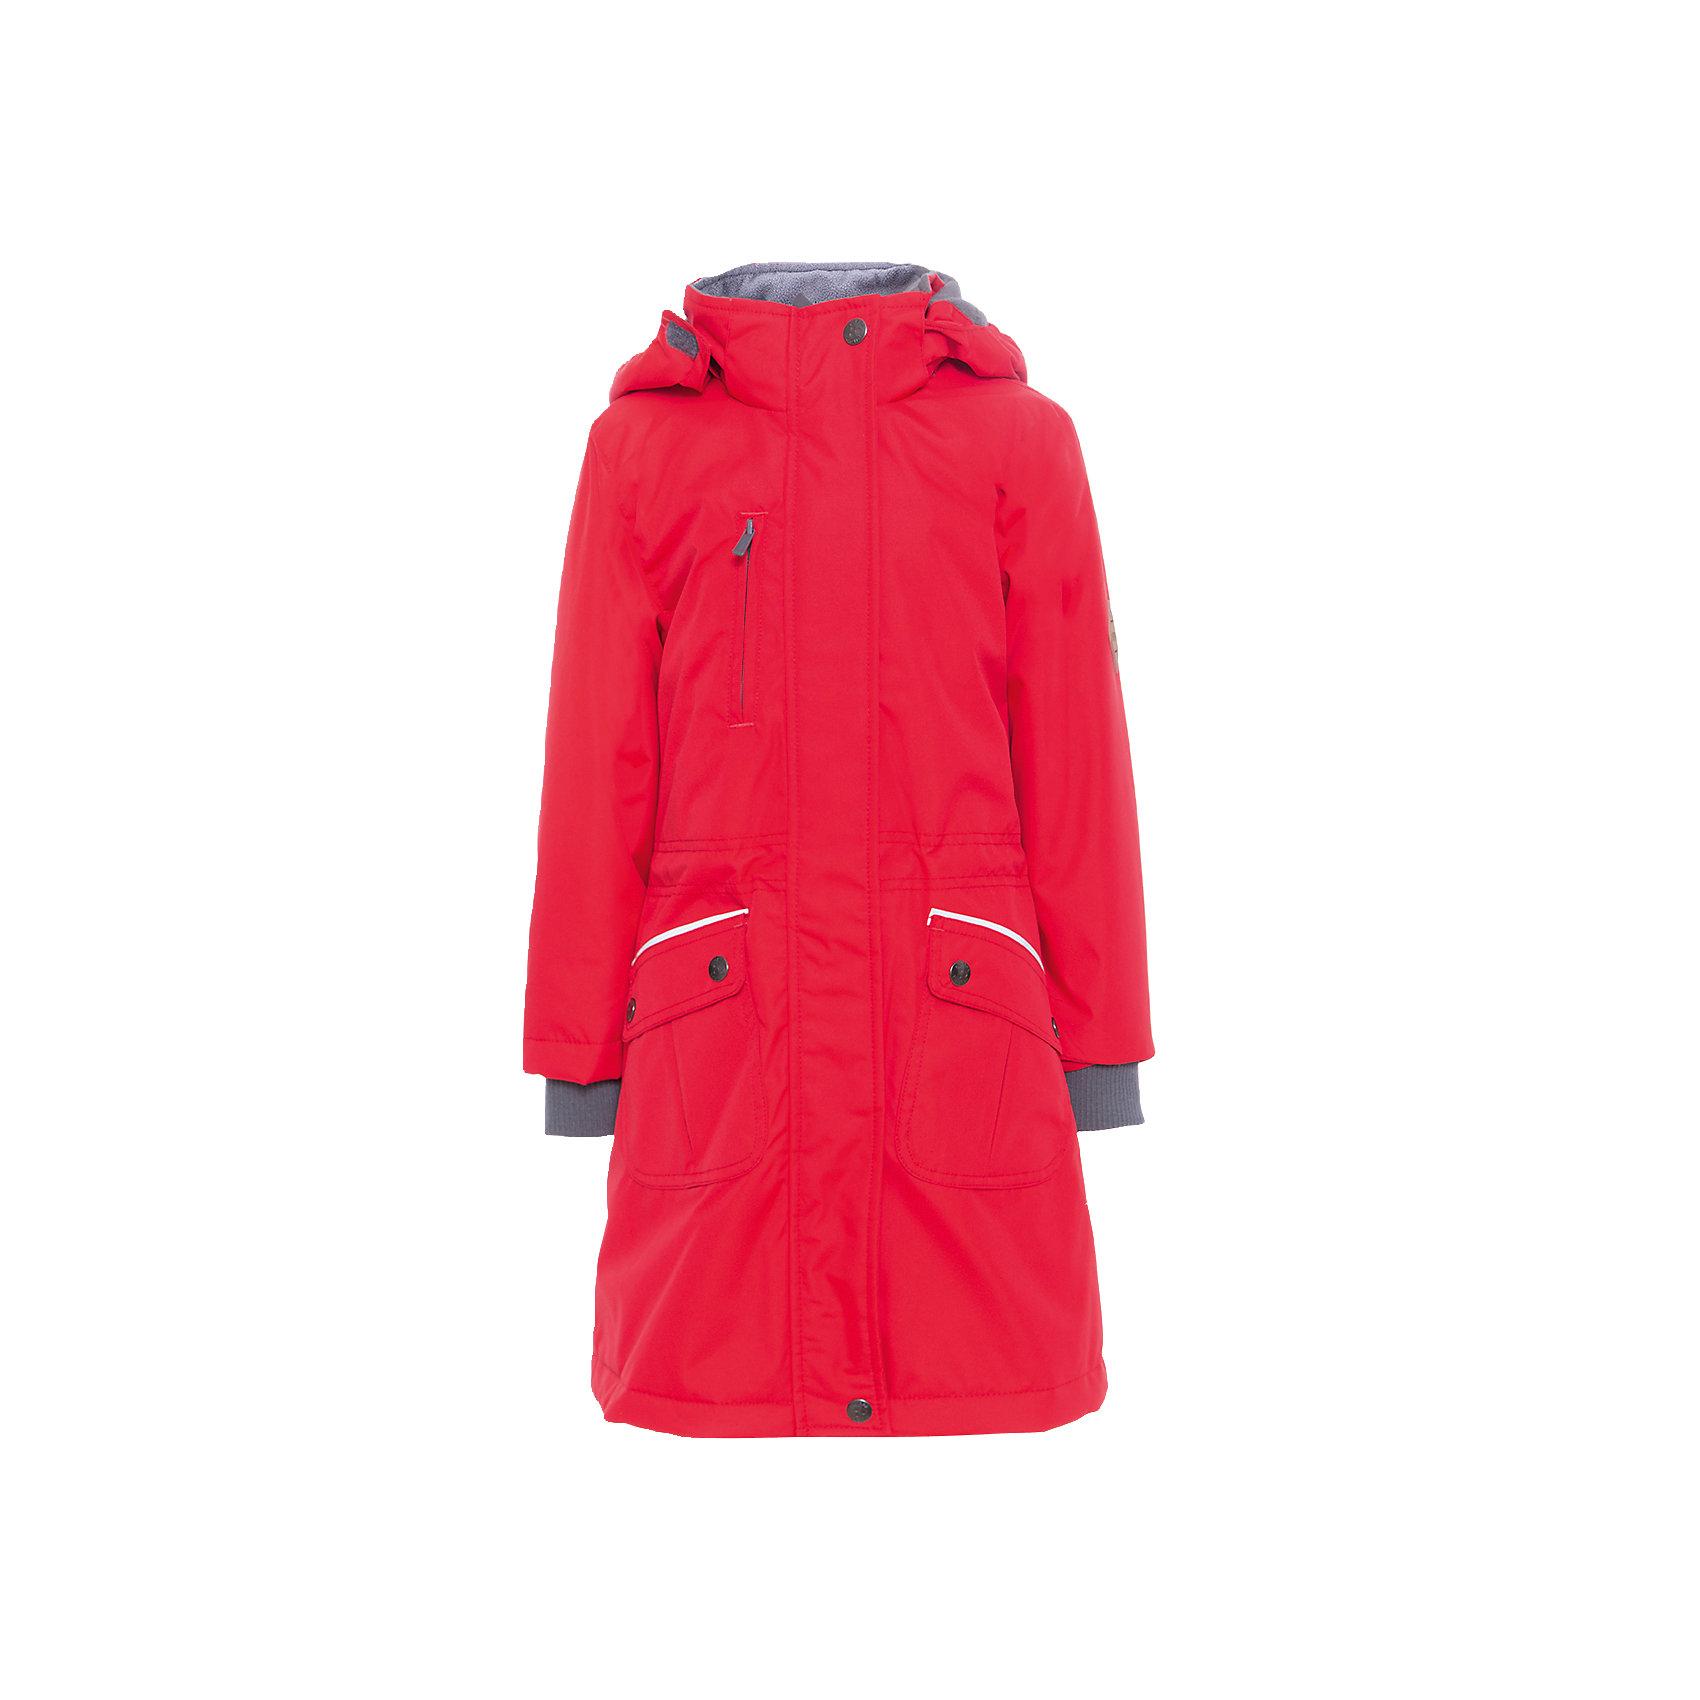 Куртка для девочки MOONI HuppaПальто и плащи<br>Характеристики товара:<br><br>• цвет: красный<br>• ткань: 100% полиэстер<br>• подкладка: тафта- 100% полиэстер<br>• утеплитель: 100% полиэстер 100 г<br>• температурный режим: от -5°С до +10°С<br>• водонепроницаемость: 10000 мм<br>• воздухопроницаемость: 10000 мм<br>• светоотражающие детали<br>• внутренние вязанные манжеты<br>• плечевые швы проклеены<br>• эластичный шнур + фиксатор<br>• съёмный капюшон с резинкой<br>• карманы на молнии<br>• комфортная посадка<br>• коллекция: весна-лето 2017<br>• страна бренда: Эстония<br><br>Такая легкая и стильная куртка обеспечит детям тепло и комфорт. Она сделана из материала, отталкивающего воду, и дополнено подкладкой с утеплителем, поэтому изделие идеально подходит для межсезонья. Материал изделия - с мембранной технологией: защищая от влаги и ветра, он легко выводит лишнюю влагу наружу. Для удобства сделан капюшон. Куртка очень симпатично смотрится, яркая расцветка и крой добавляют ему оригинальности. Модель была разработана специально для детей.<br><br>Одежда и обувь от популярного эстонского бренда Huppa - отличный вариант одеть ребенка можно и комфортно. Вещи, выпускаемые компанией, качественные, продуманные и очень удобные. Для производства изделий используются только безопасные для детей материалы. Продукция от Huppa порадует и детей, и их родителей!<br><br>Куртку для девочки MOONI от бренда Huppa (Хуппа) можно купить в нашем интернет-магазине.<br><br>Ширина мм: 356<br>Глубина мм: 10<br>Высота мм: 245<br>Вес г: 519<br>Цвет: красный<br>Возраст от месяцев: 36<br>Возраст до месяцев: 48<br>Пол: Женский<br>Возраст: Детский<br>Размер: 104,158,110,116,122,128,134,140,146,152<br>SKU: 5346916